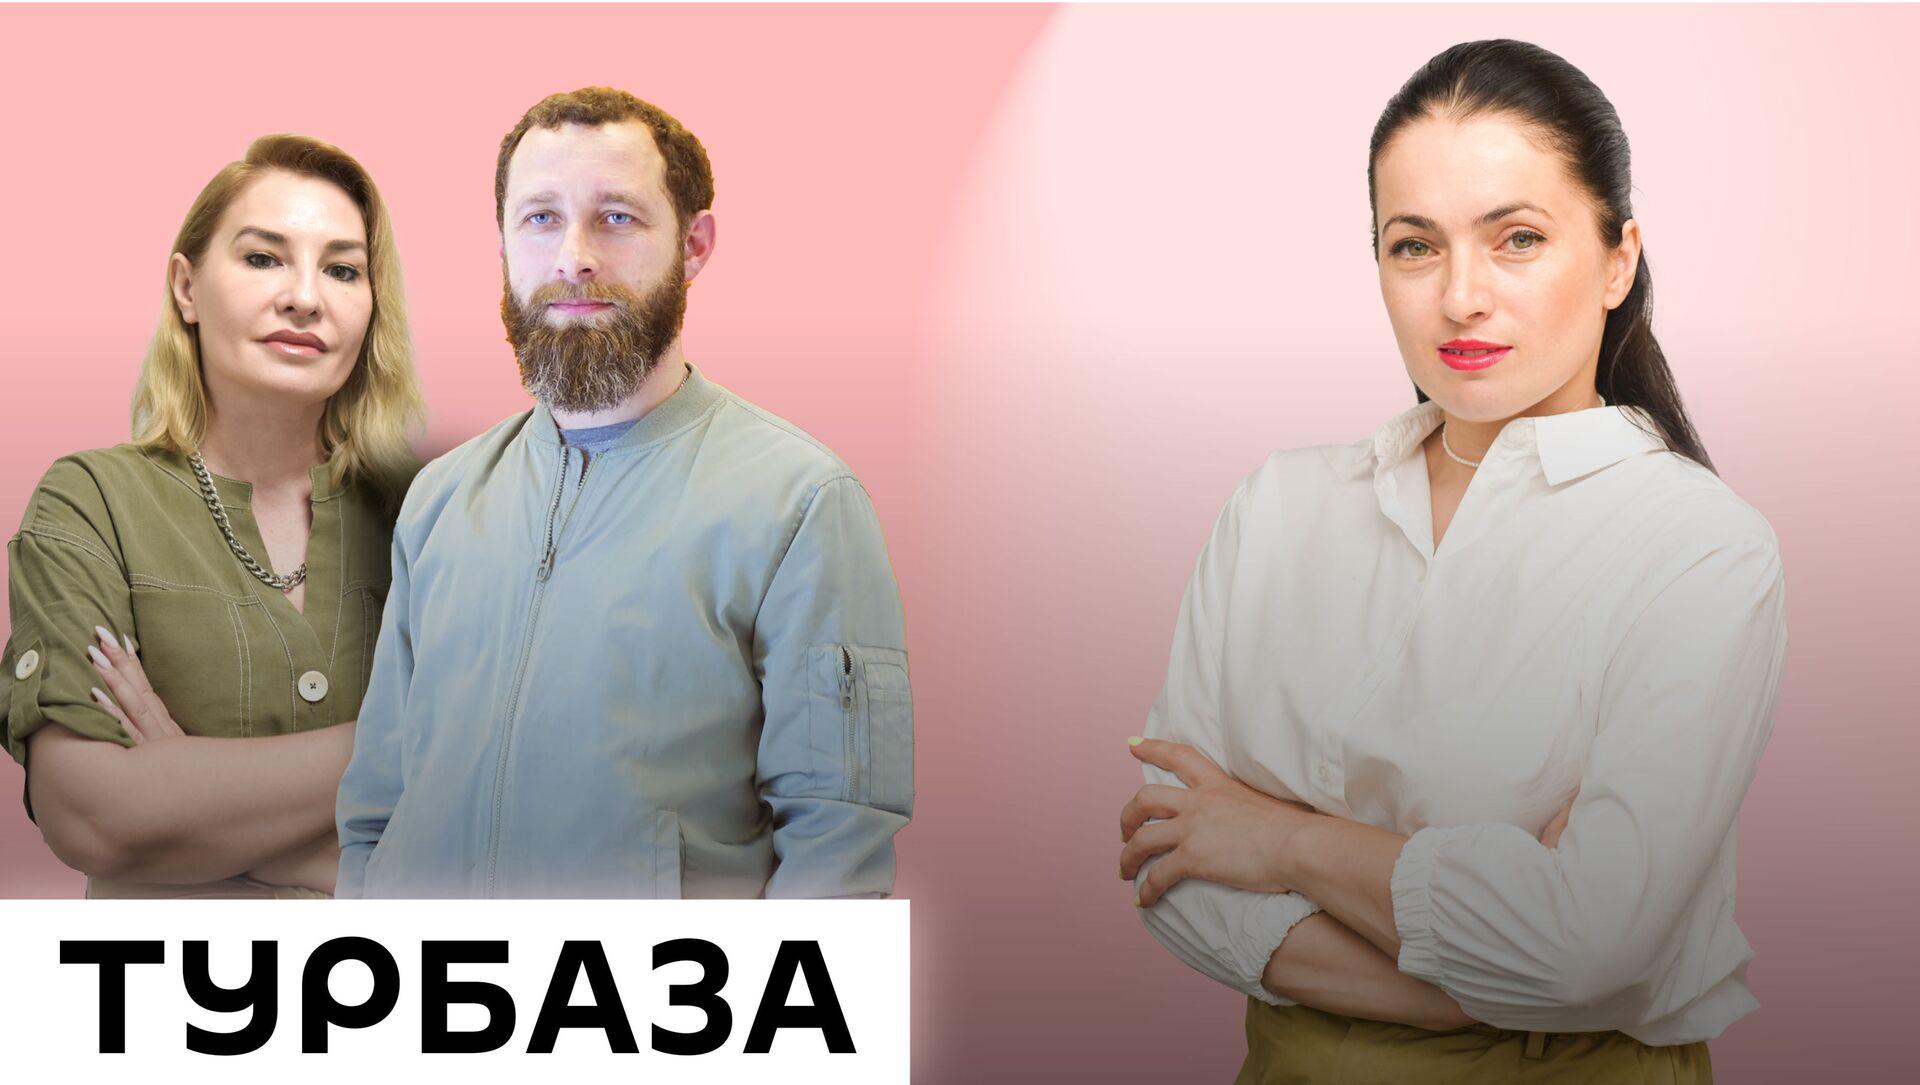 Денис Соломко и Мария Мальцева  - Sputnik Абхазия, 1920, 09.09.2021